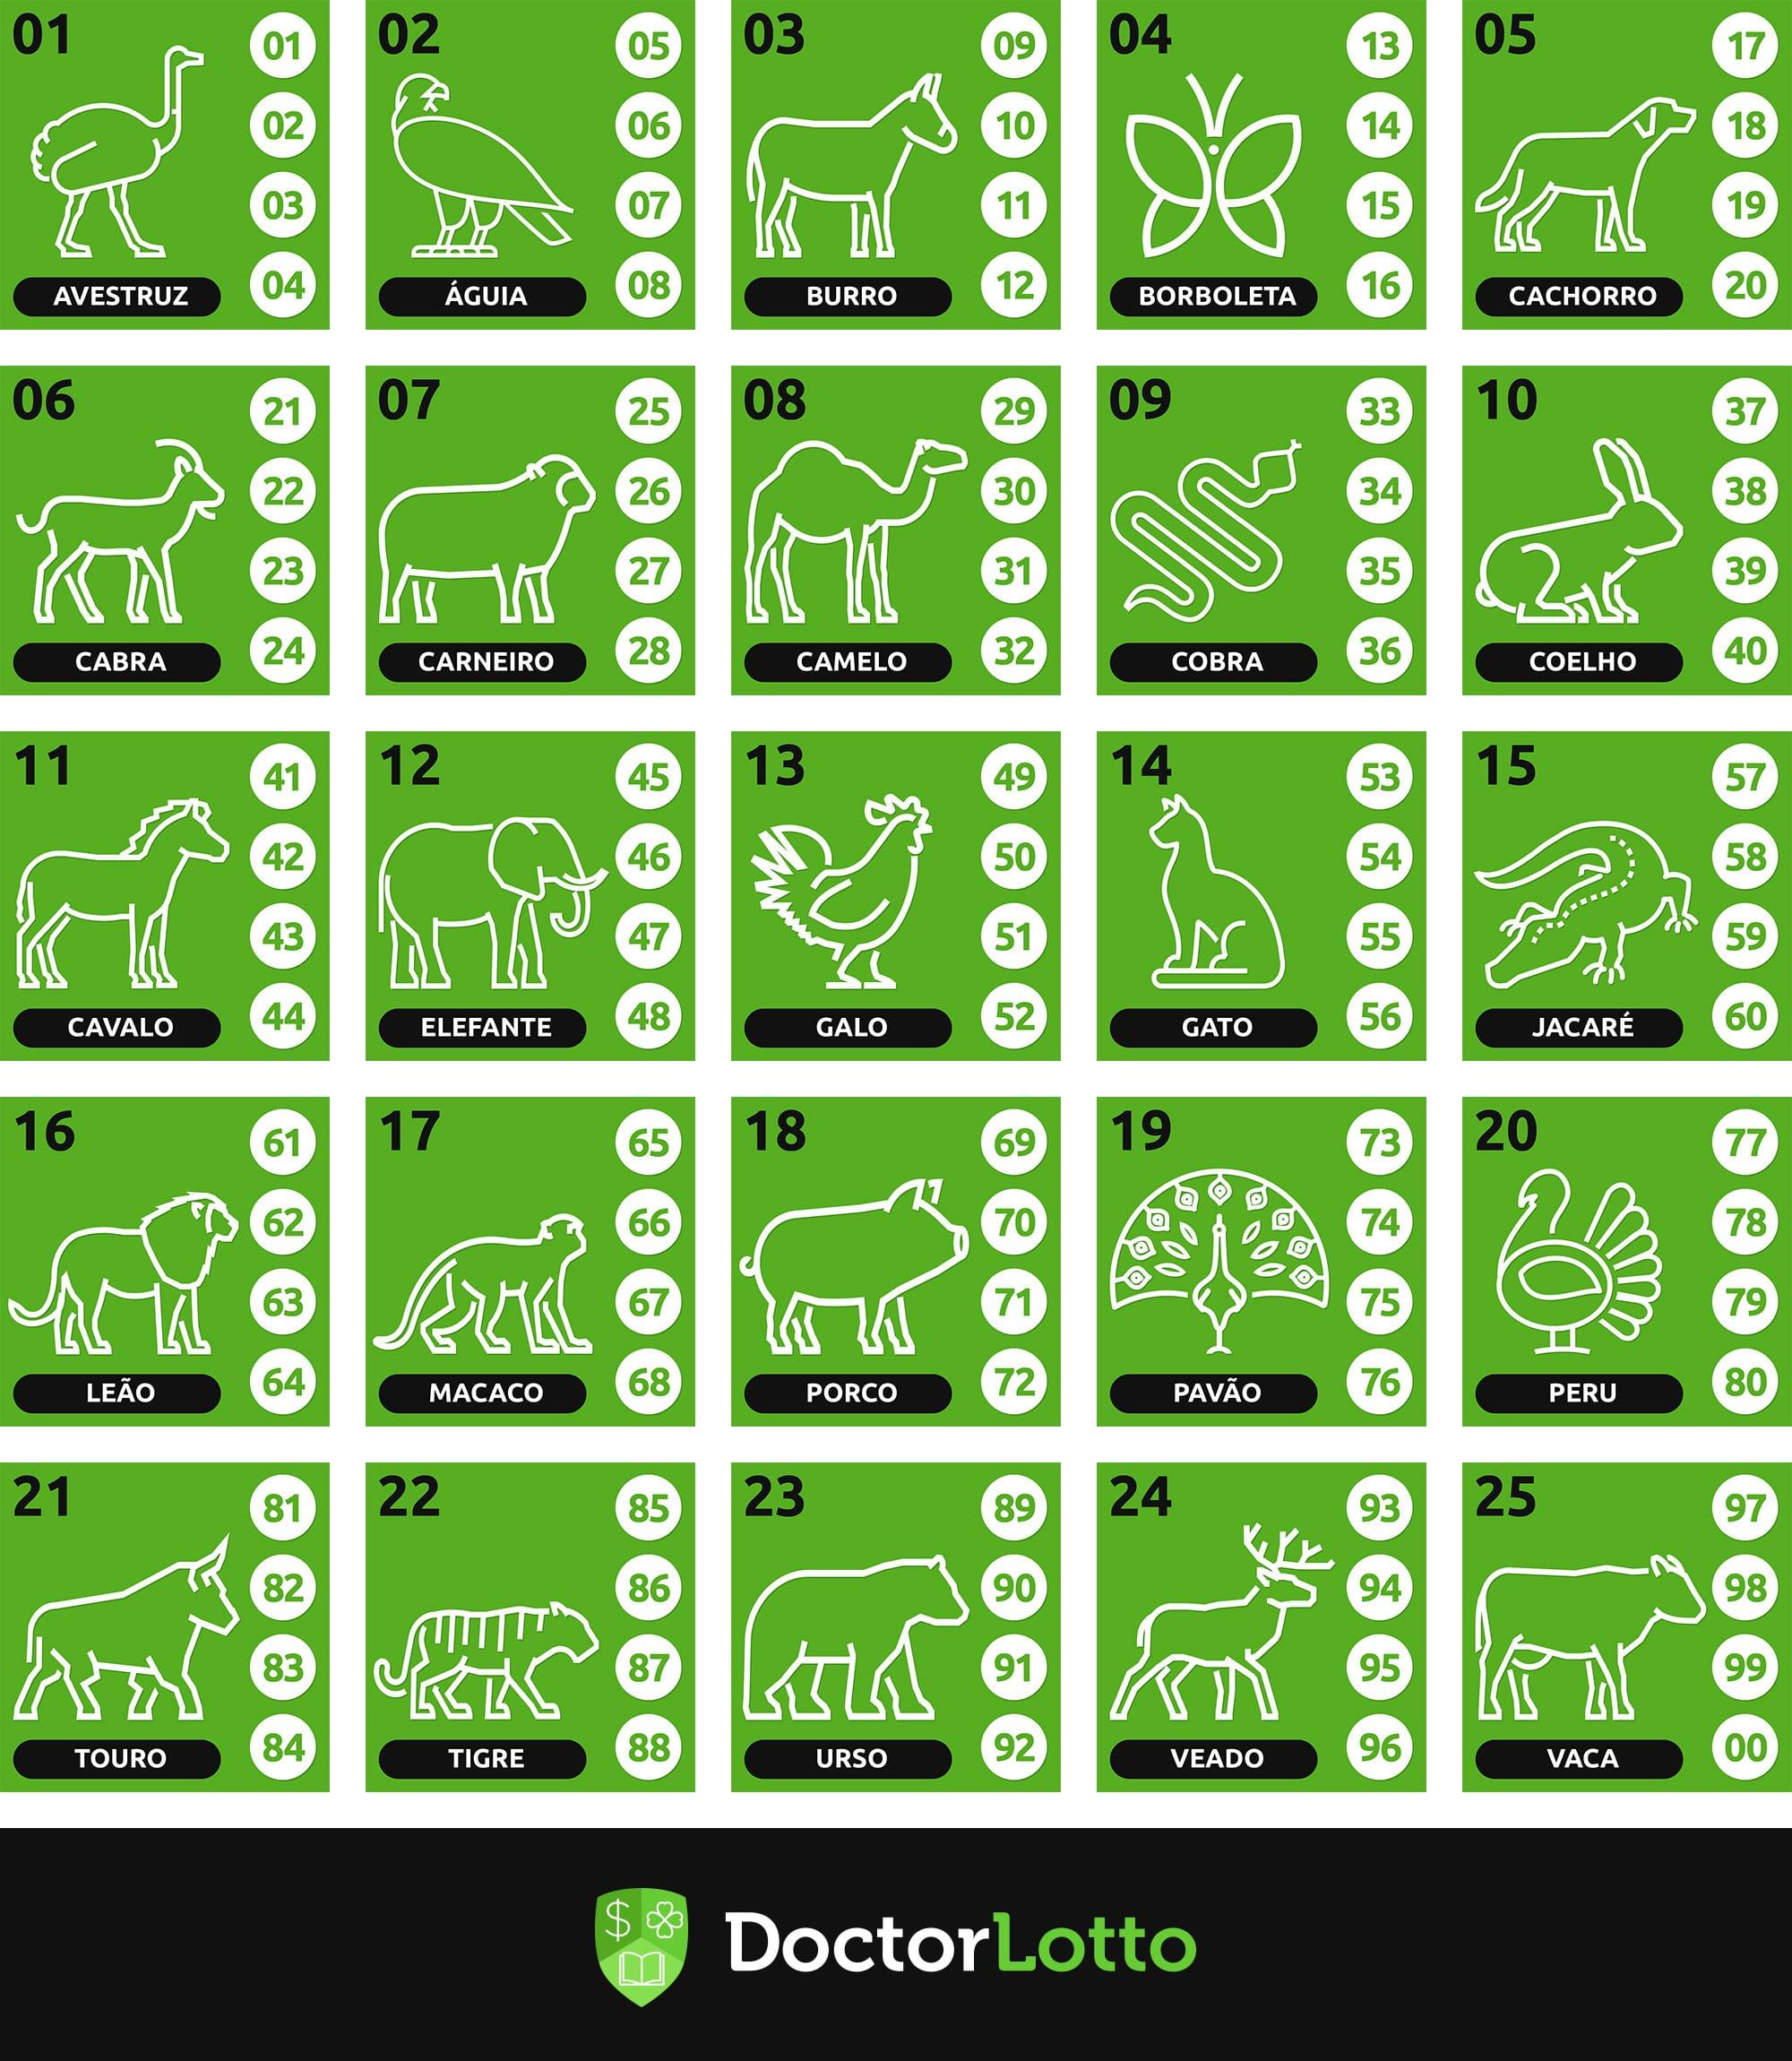 Tabela do Jogo do Bicho - O famoso calendário do Jogo do Bicho